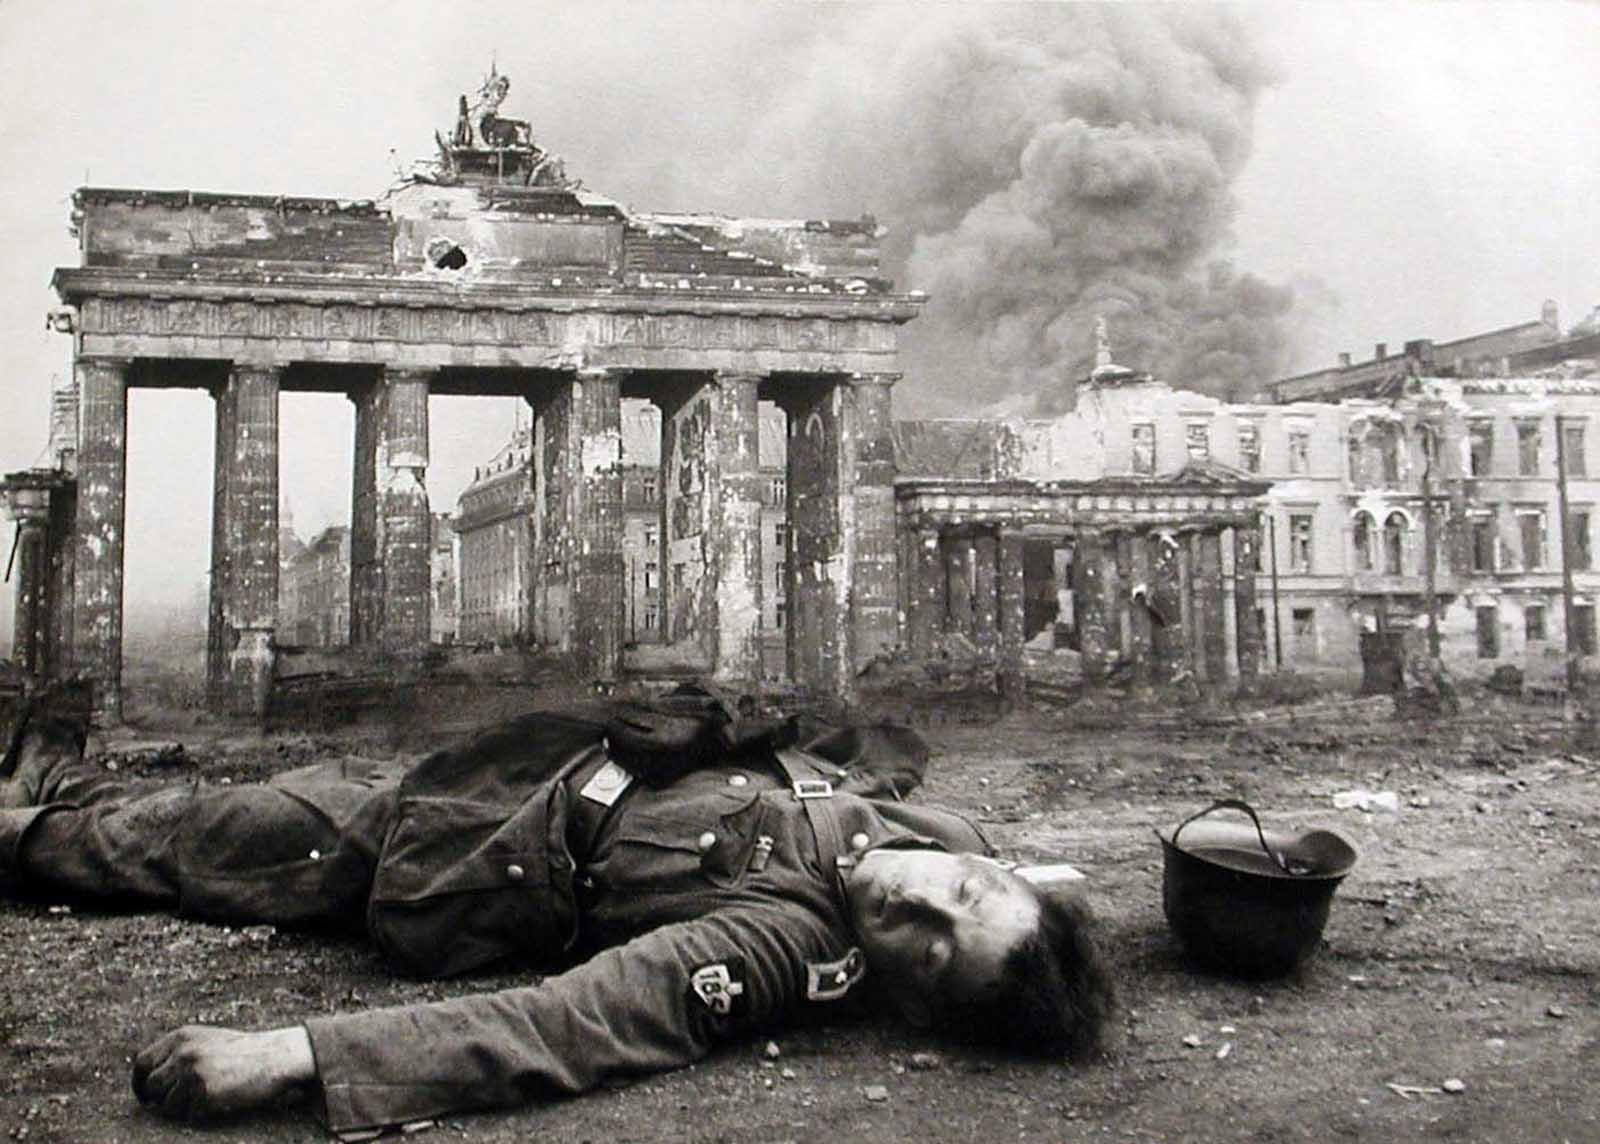 Berlin in 1945 4